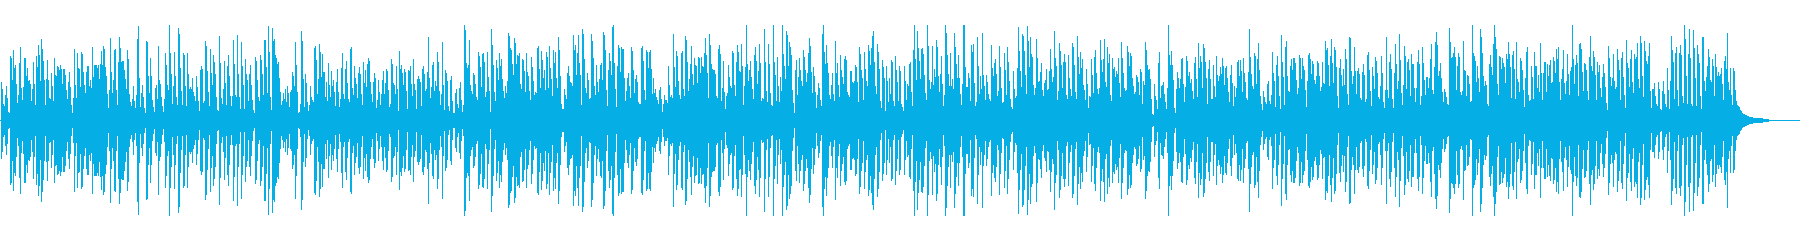 爽やかオールドジャズピアノトリオの再生済みの波形